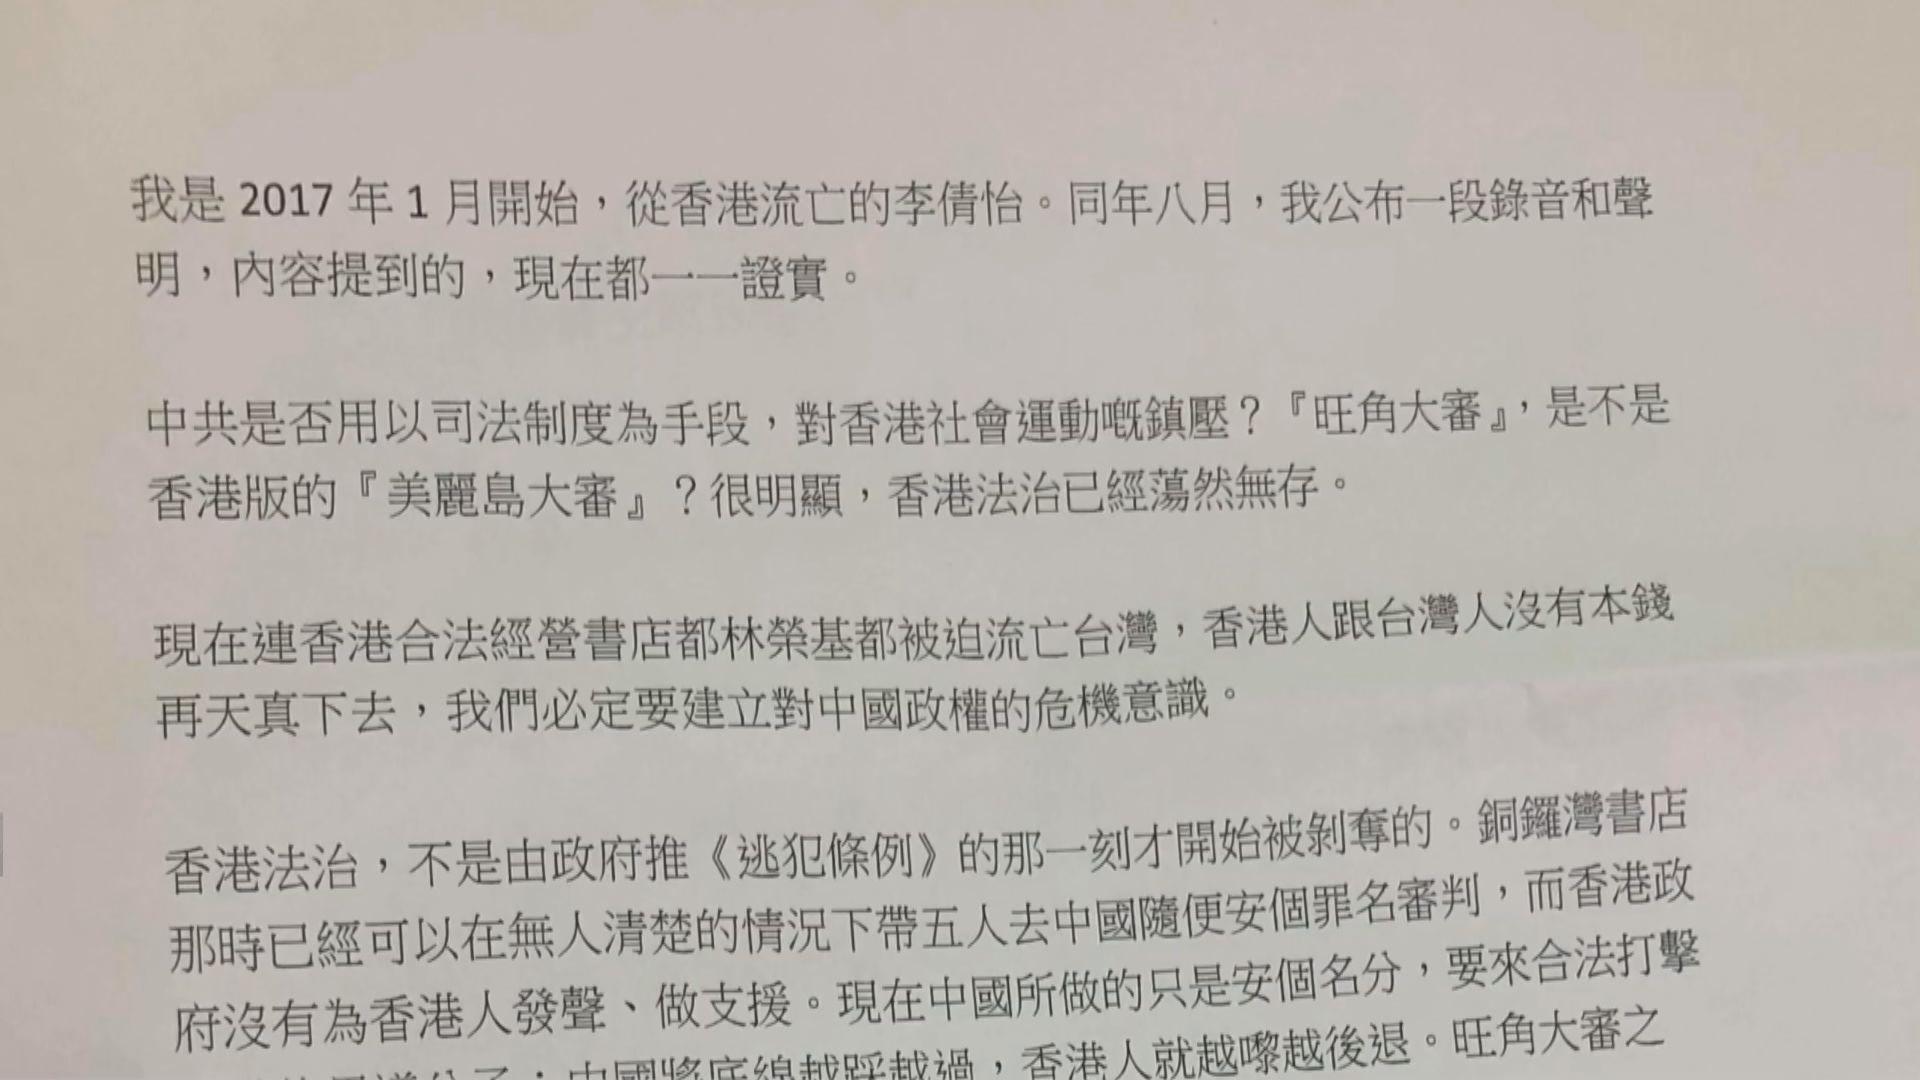 旺暴案棄保潛逃被告向台灣政黨發錄音